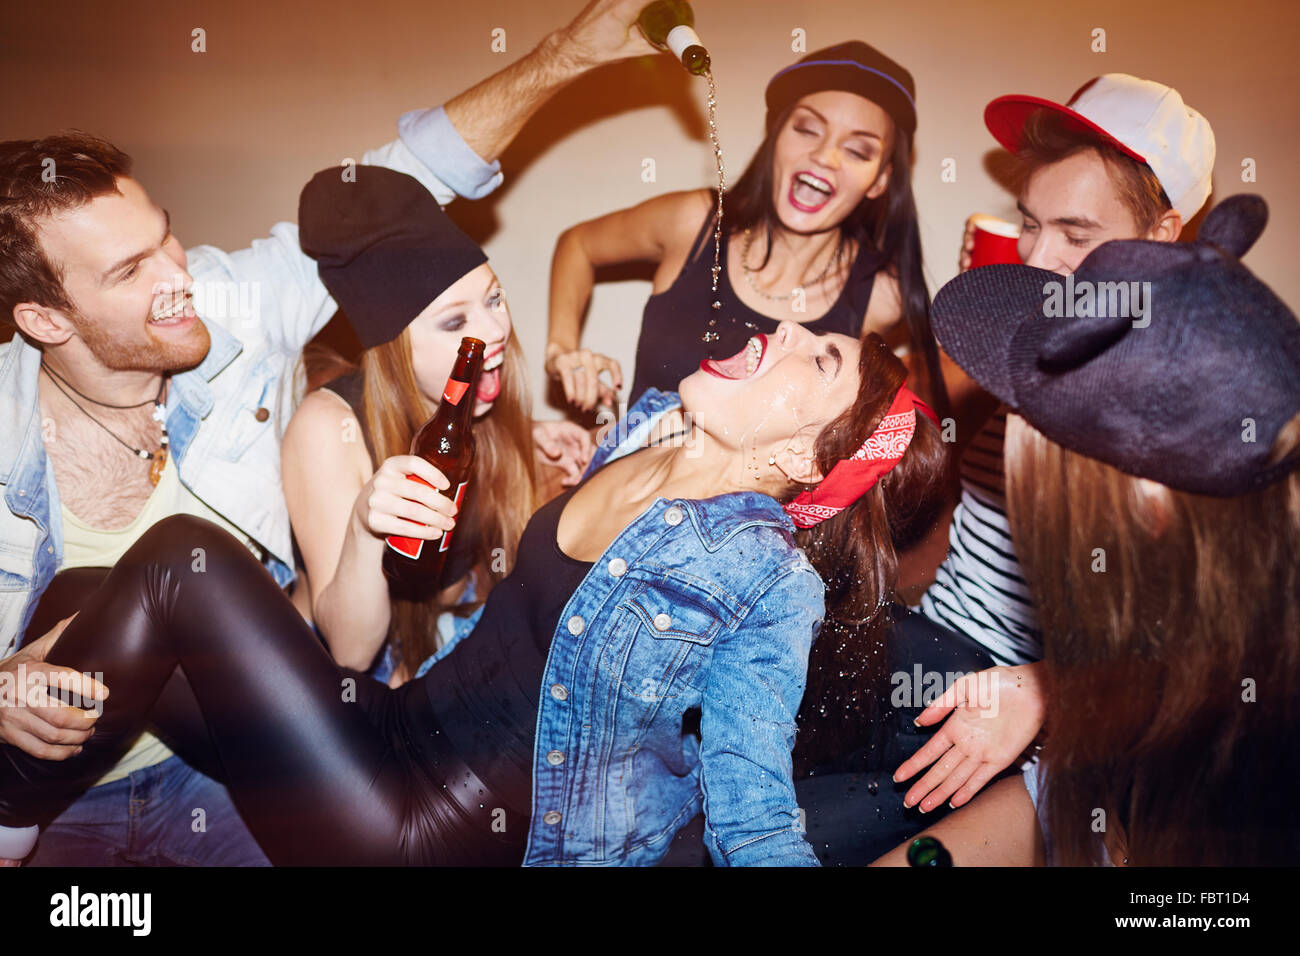 Amis extatique servir la bière dans la bouche de fille au parti swag Photo Stock